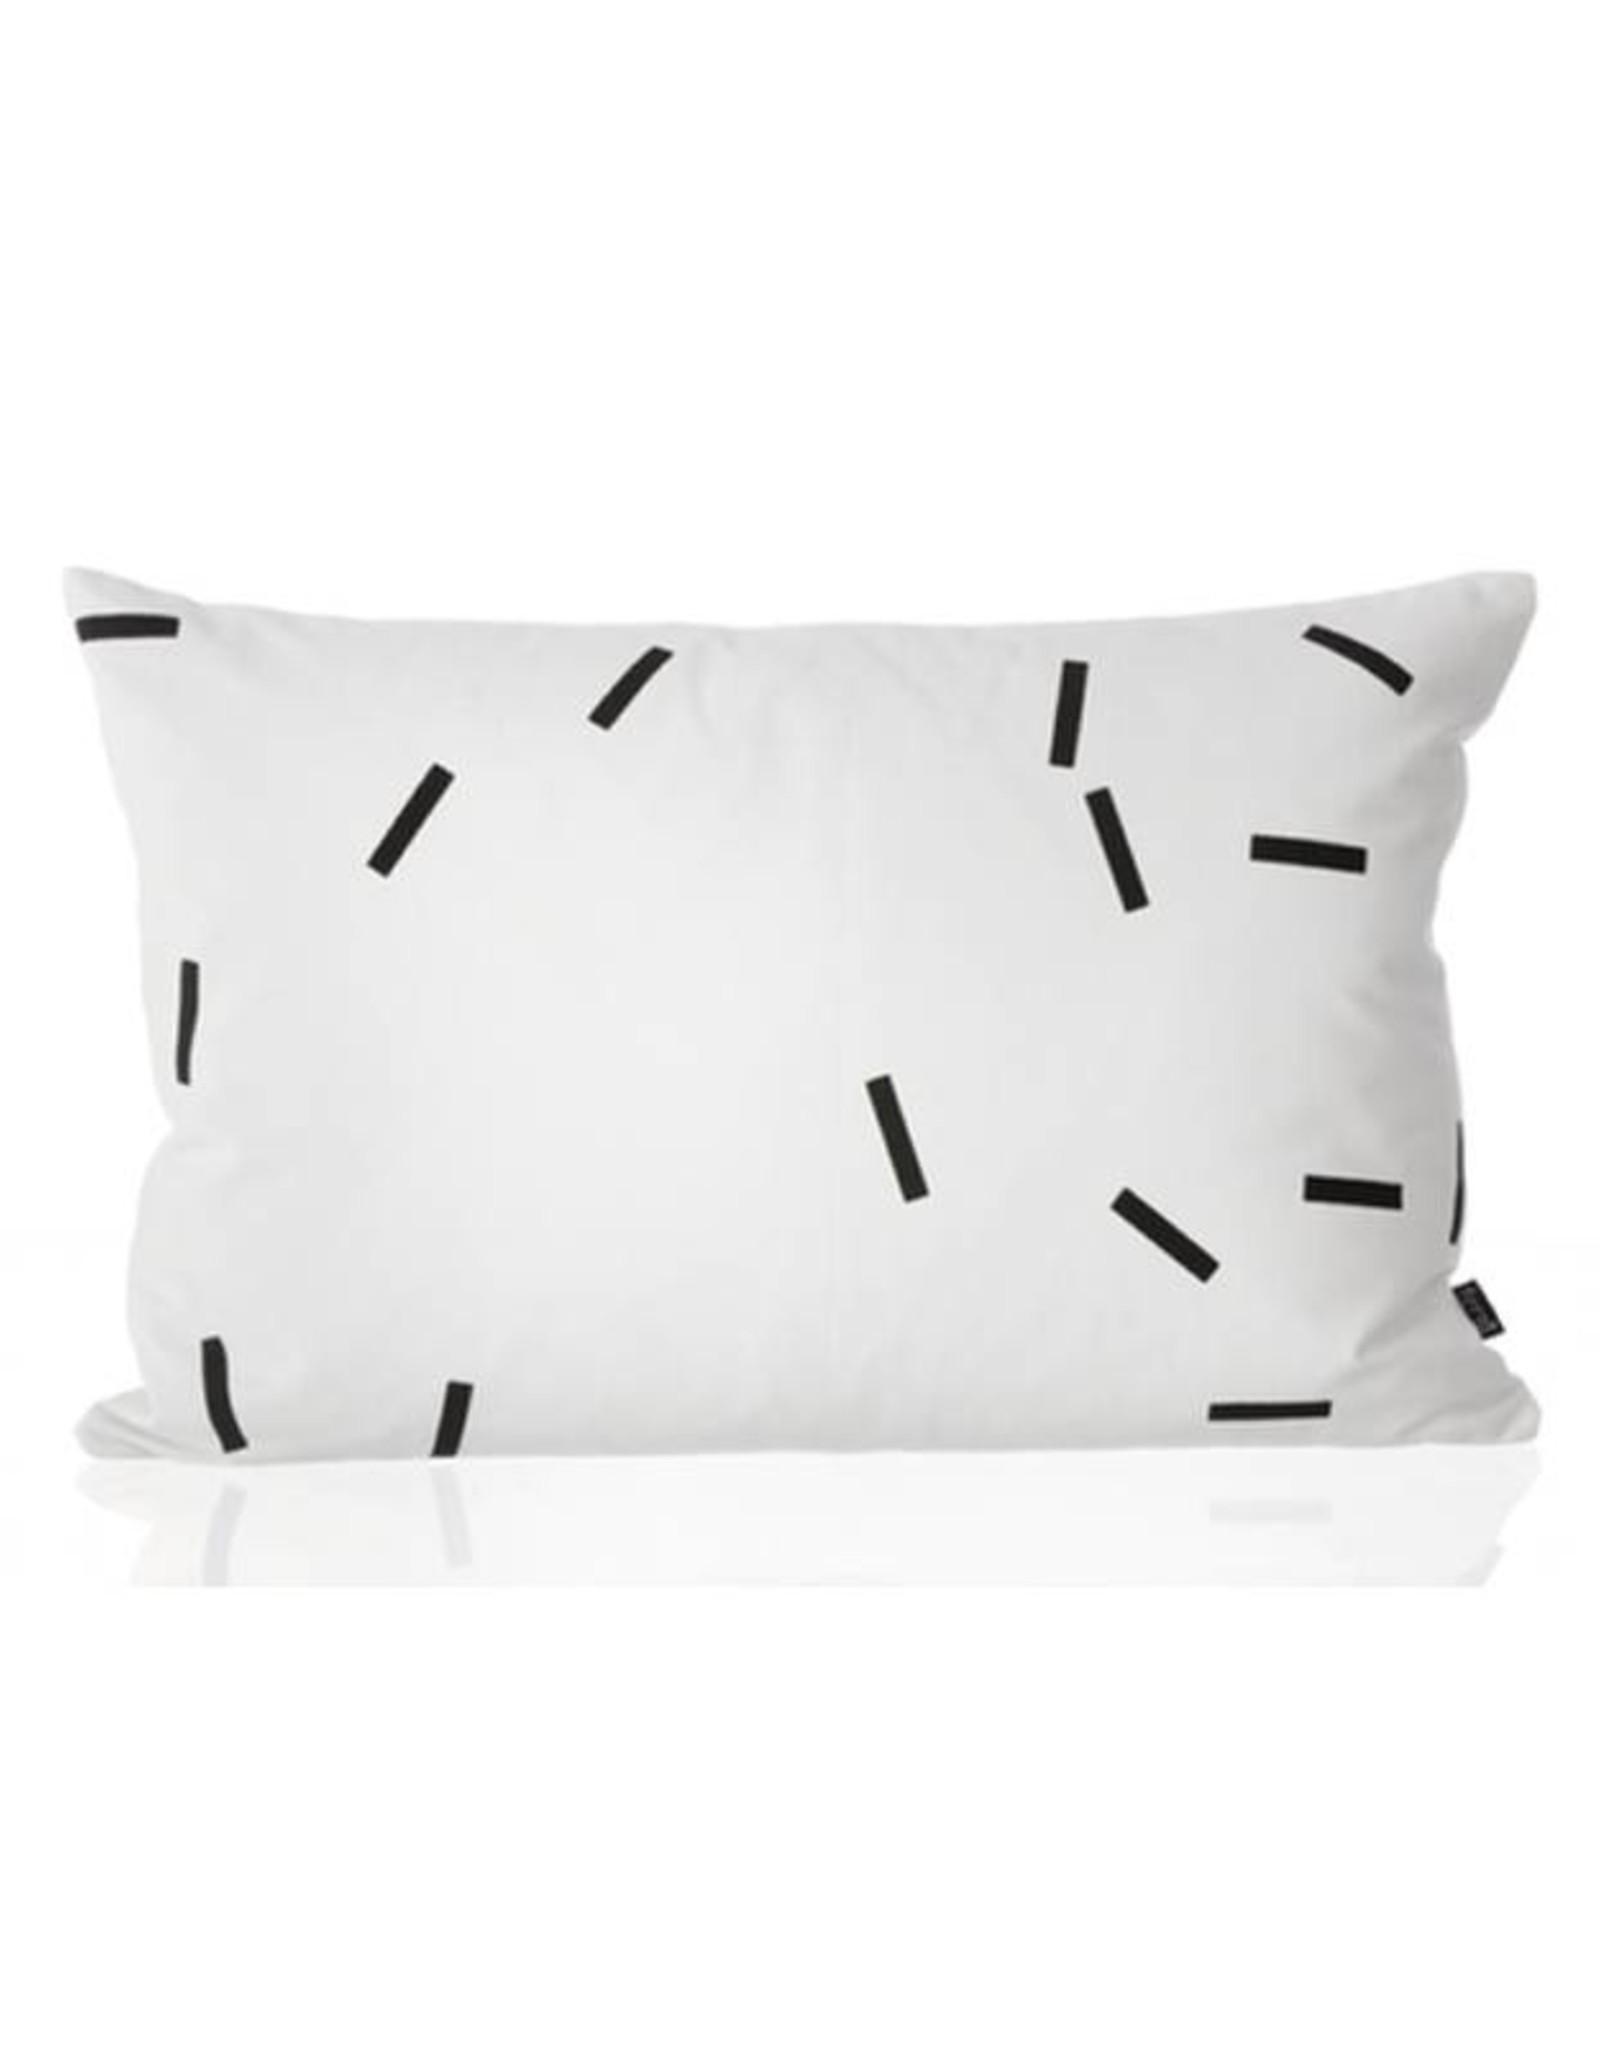 Ferm Living Black Mini Stick Cushion